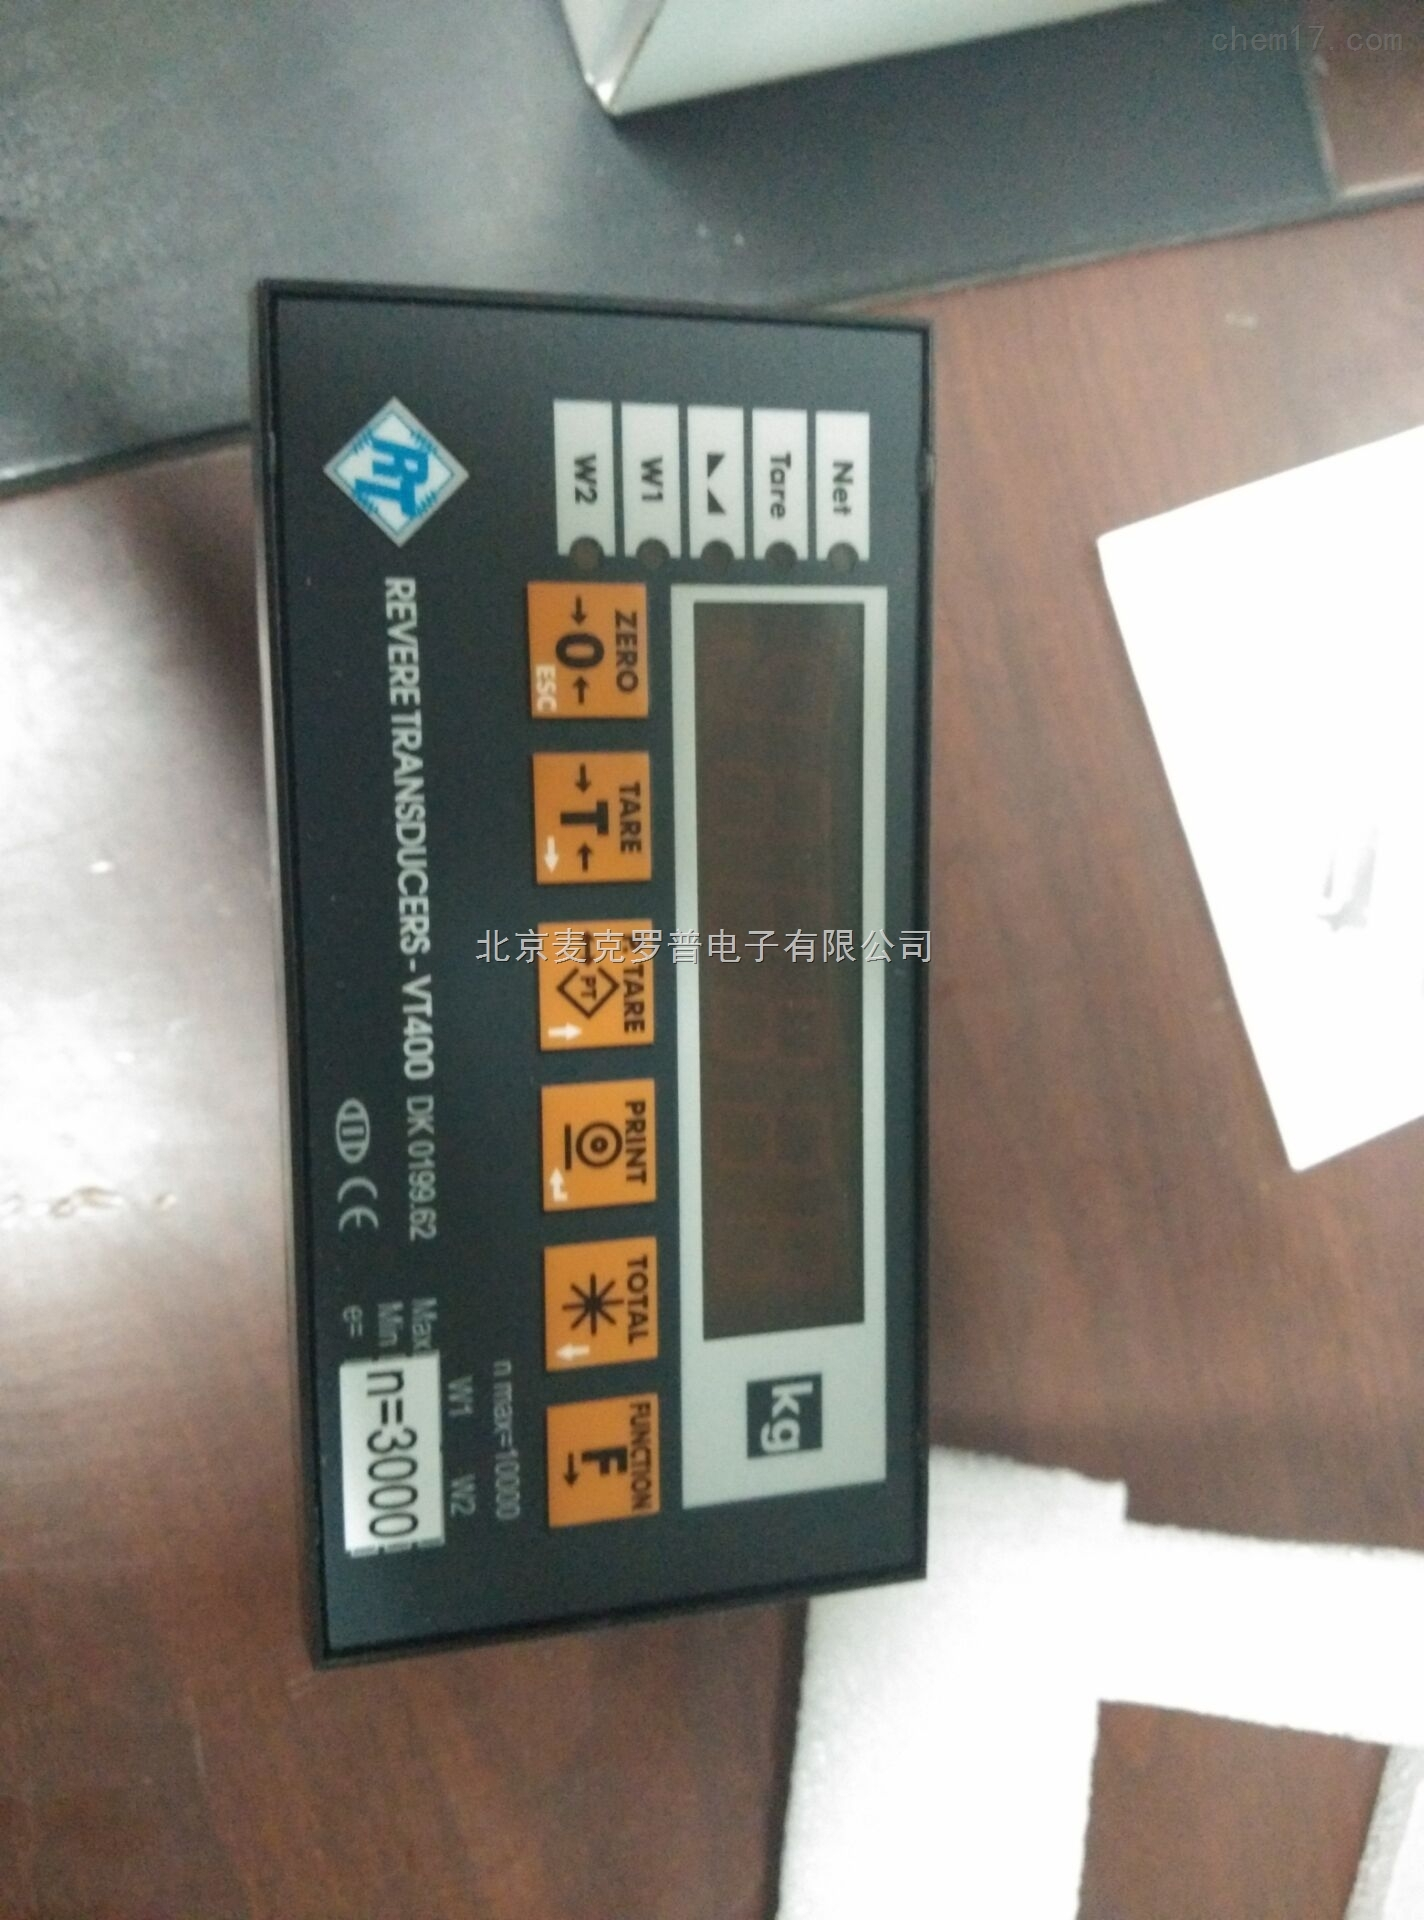 美国Vishay仪表 VT400称重控制器 规格 效能 解析度: 可选择设定990,000 dd 转换速度: 每秒3到70的取样速率(可选择设定) 敏感度: 认证秤台0.4μV/Vsi 非认证秤台0.1μV/Vsi 全量程范围: -0.25到2mV/V(-1.25mV到-10mV)或 -0.25到42mV/V(-1.25mV到-20mV) 线性: 全量程的0.